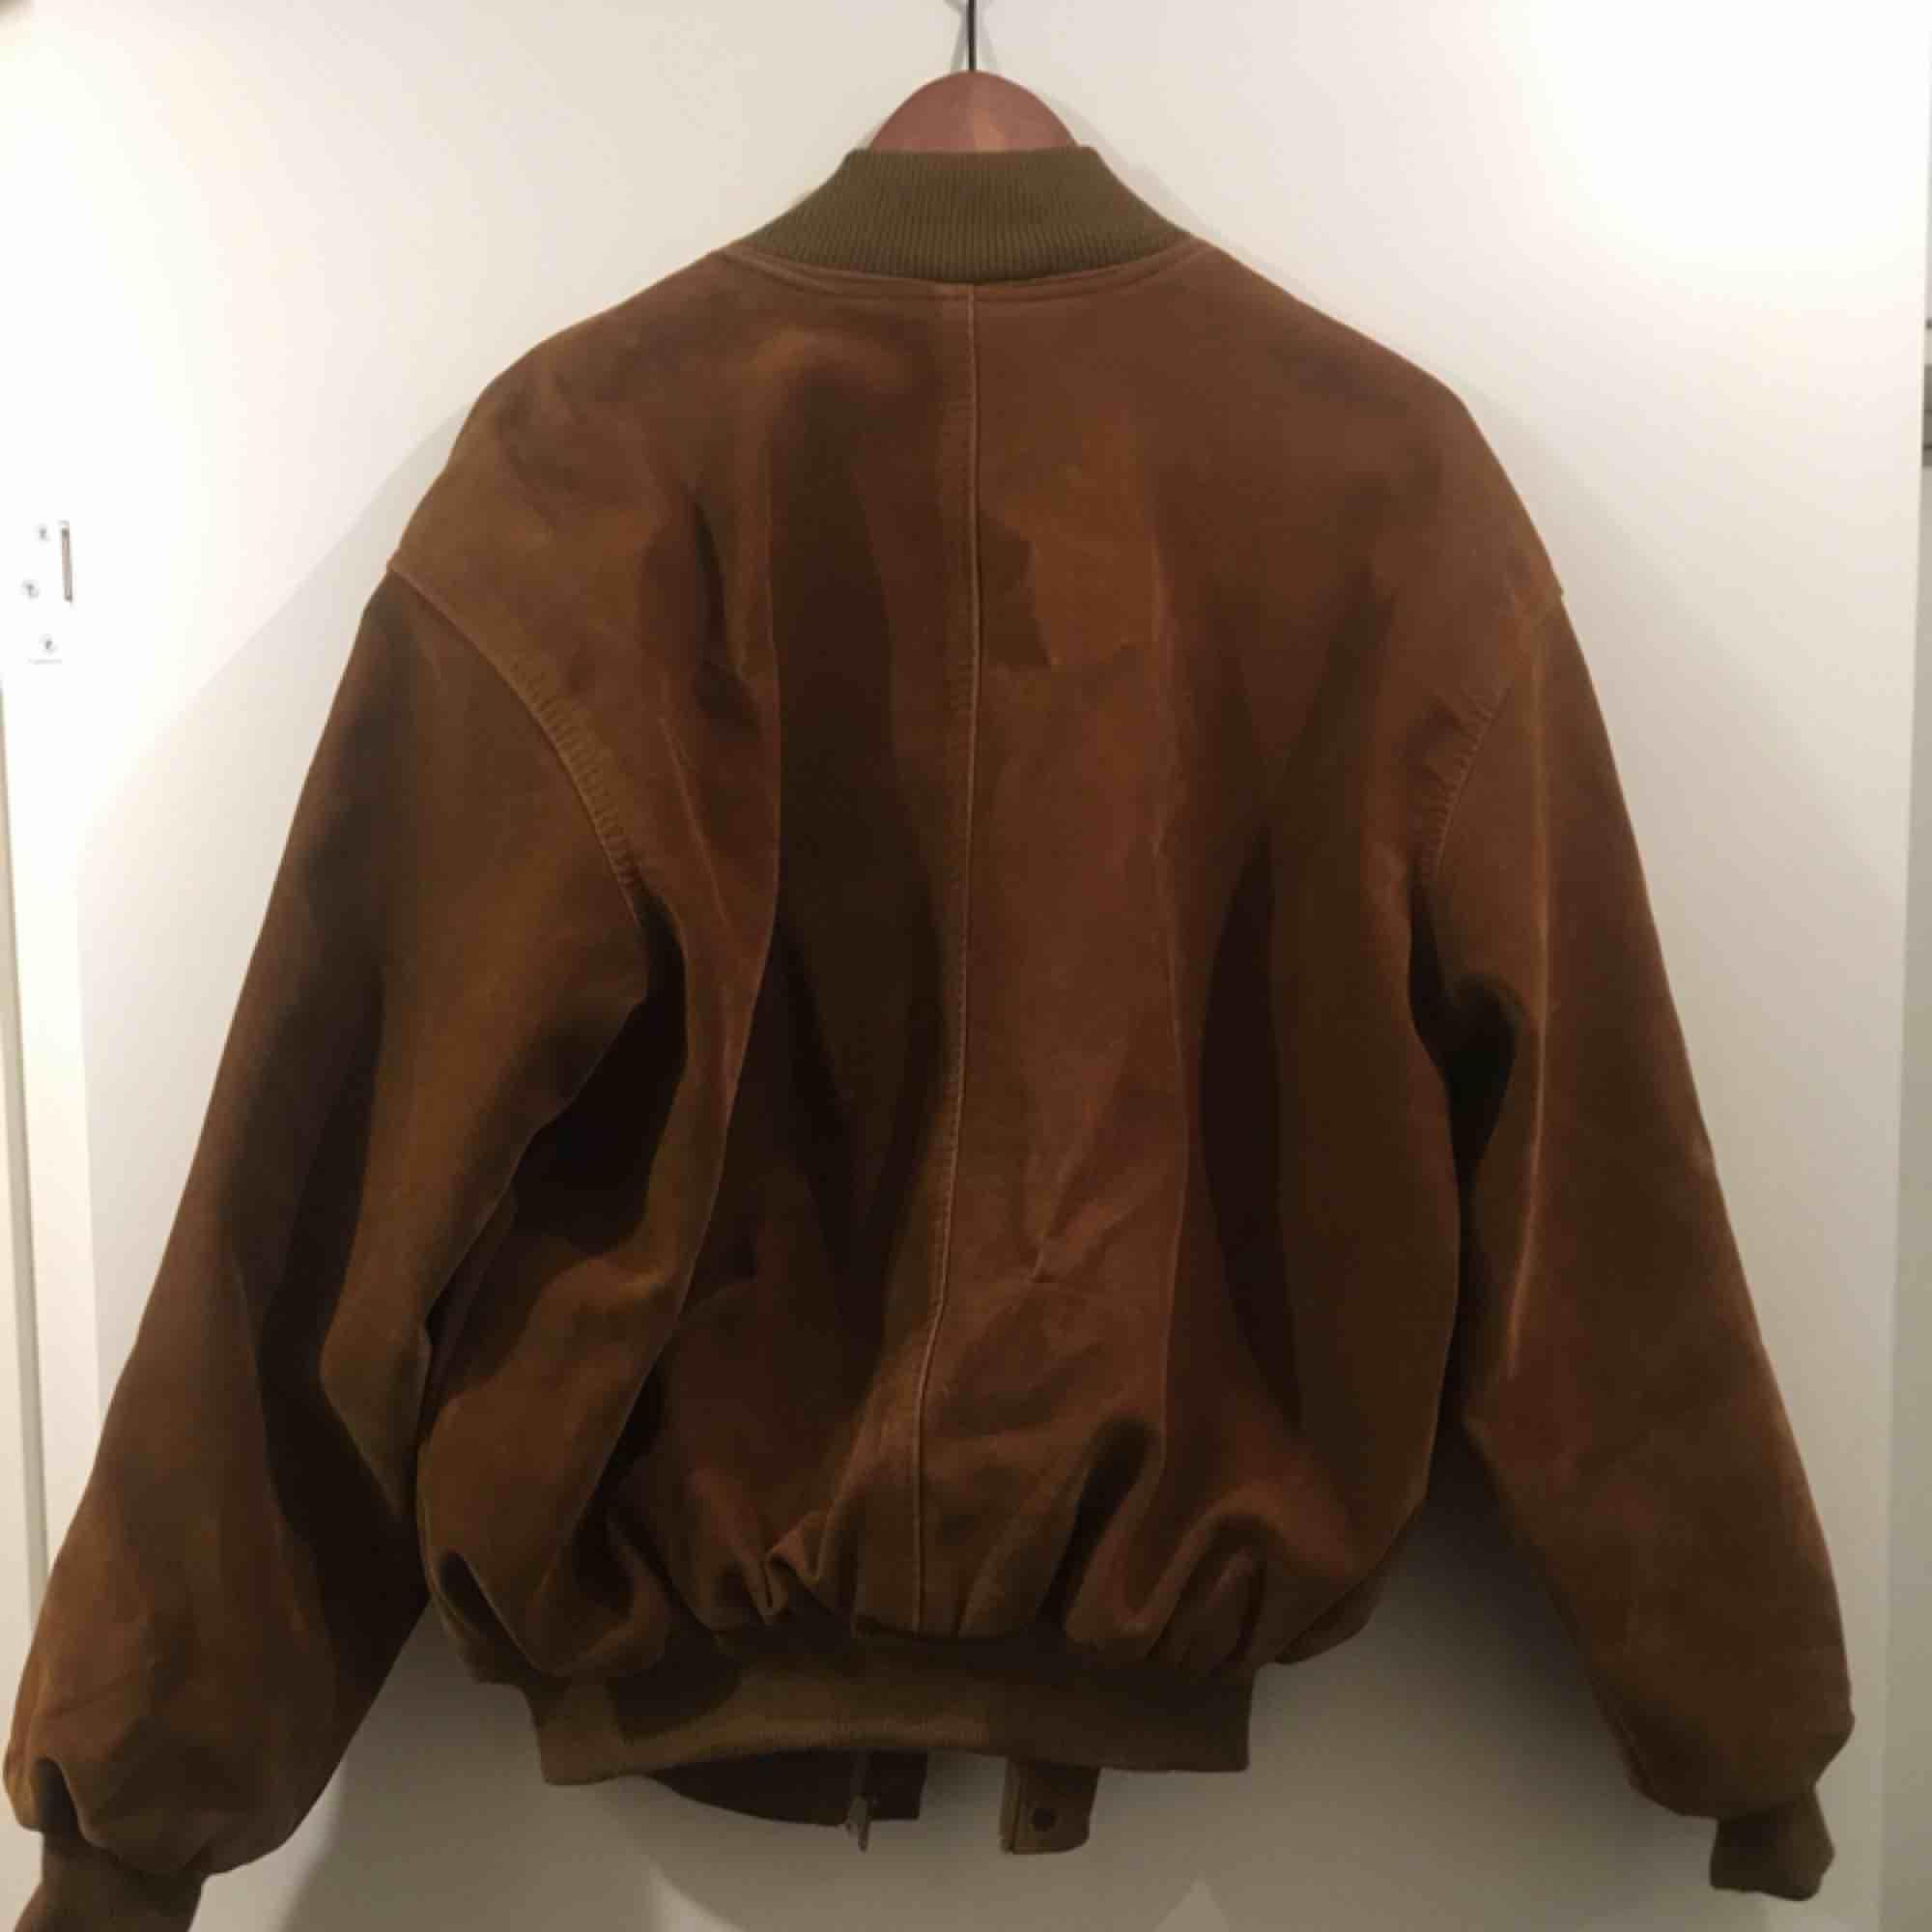 Super snygg jacka i brun mocka imitation. Inhandlad i vintage butik. Oversized modell med muddar i nederkant och ärmslut, passar alltifrån S-L. Jackor.